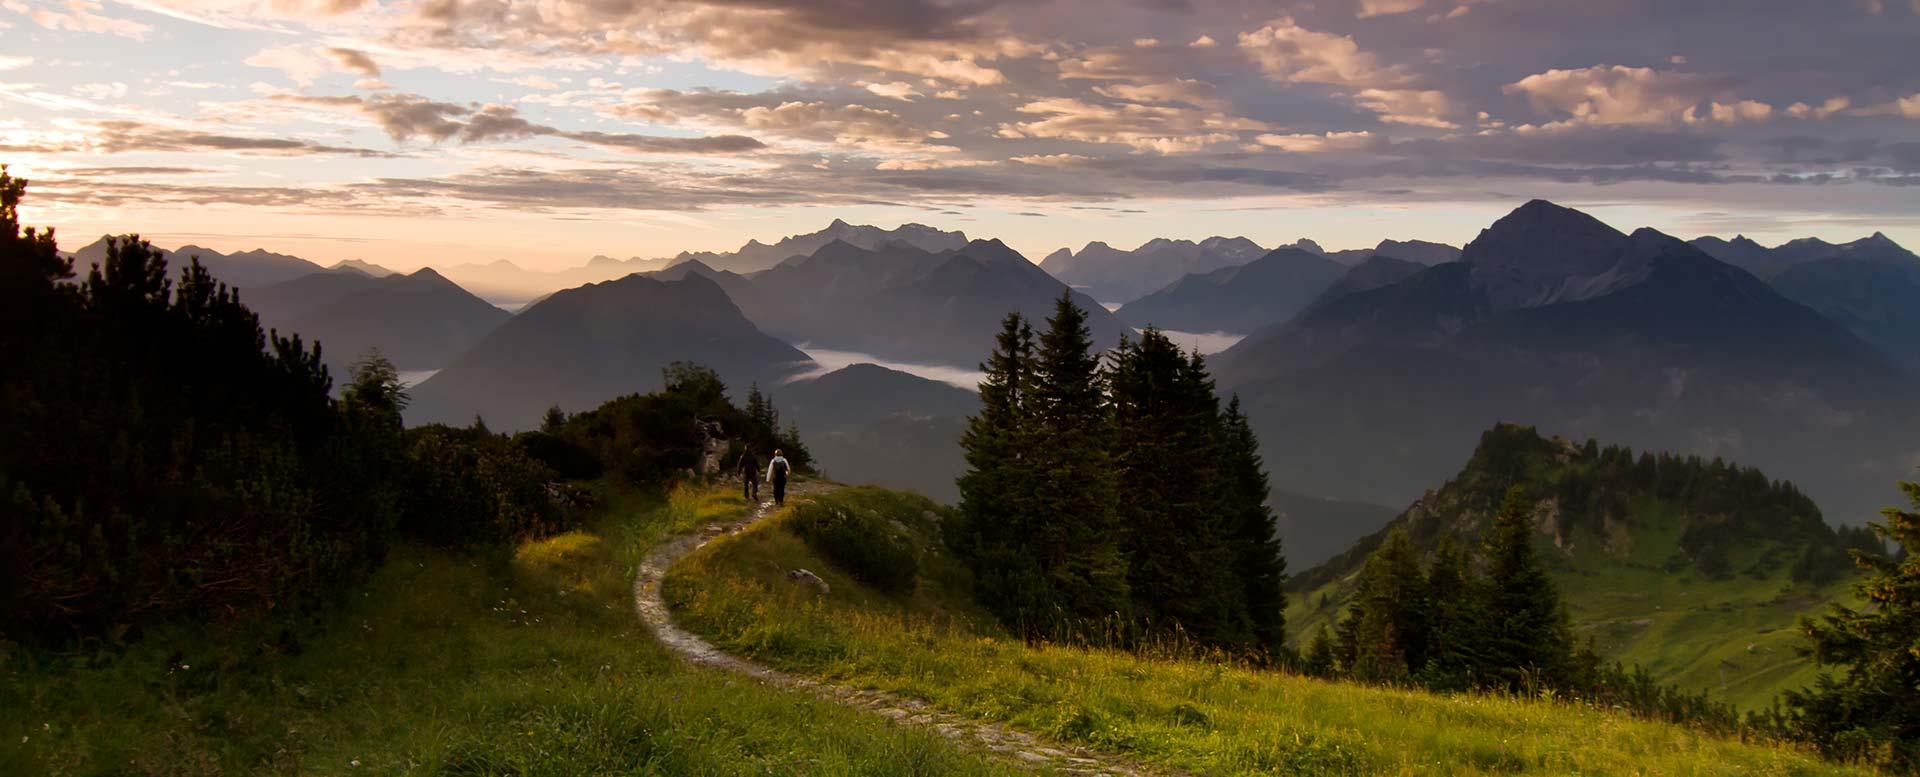 Nationalparks Deutschland - Bayerischer Wald